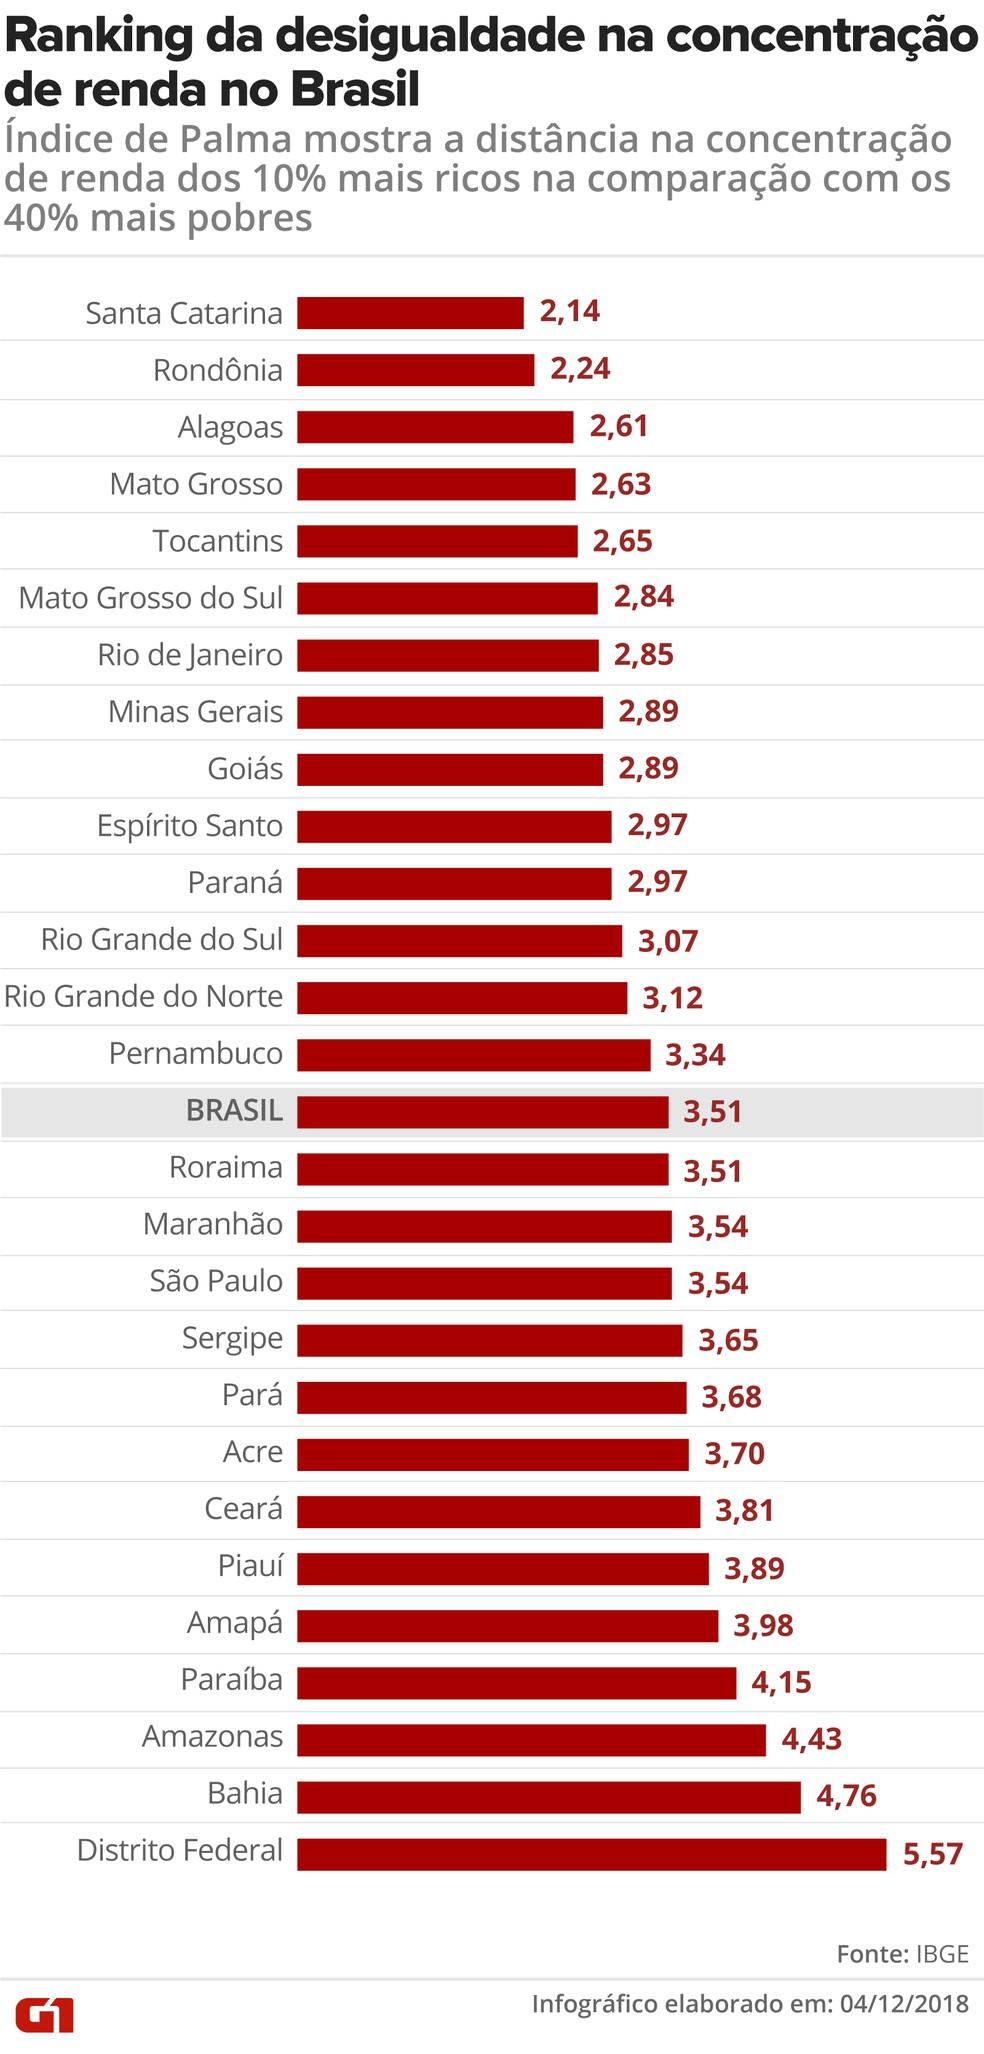 Ranking do Índice de Palma mostra quais os estados têm a maior desigualdade de renda entre os 10% mais ricos e os 40% mais pobres no Brasil — Foto: Fernanda Garrafiel/G1